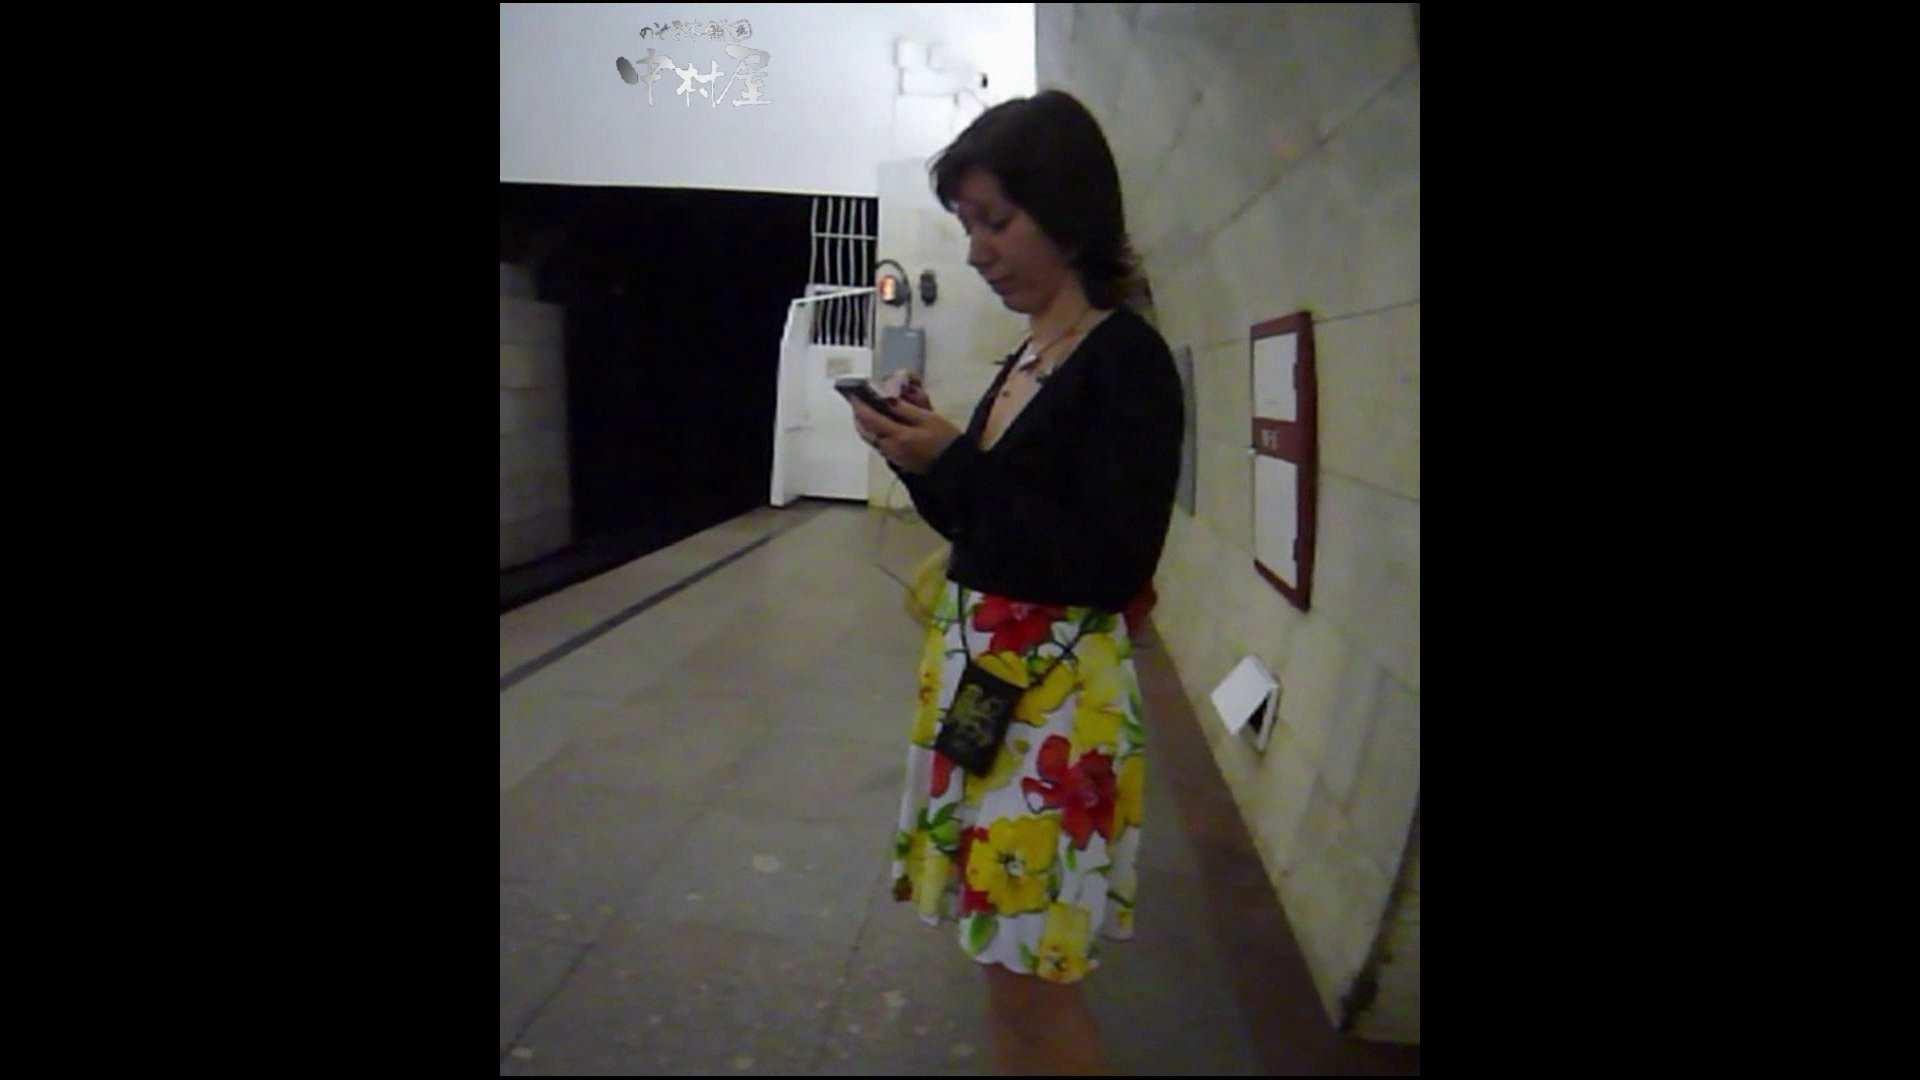 綺麗なモデルさんのスカート捲っちゃおう‼ vol28 お姉さんのエロ動画 | 0  111PIX 65